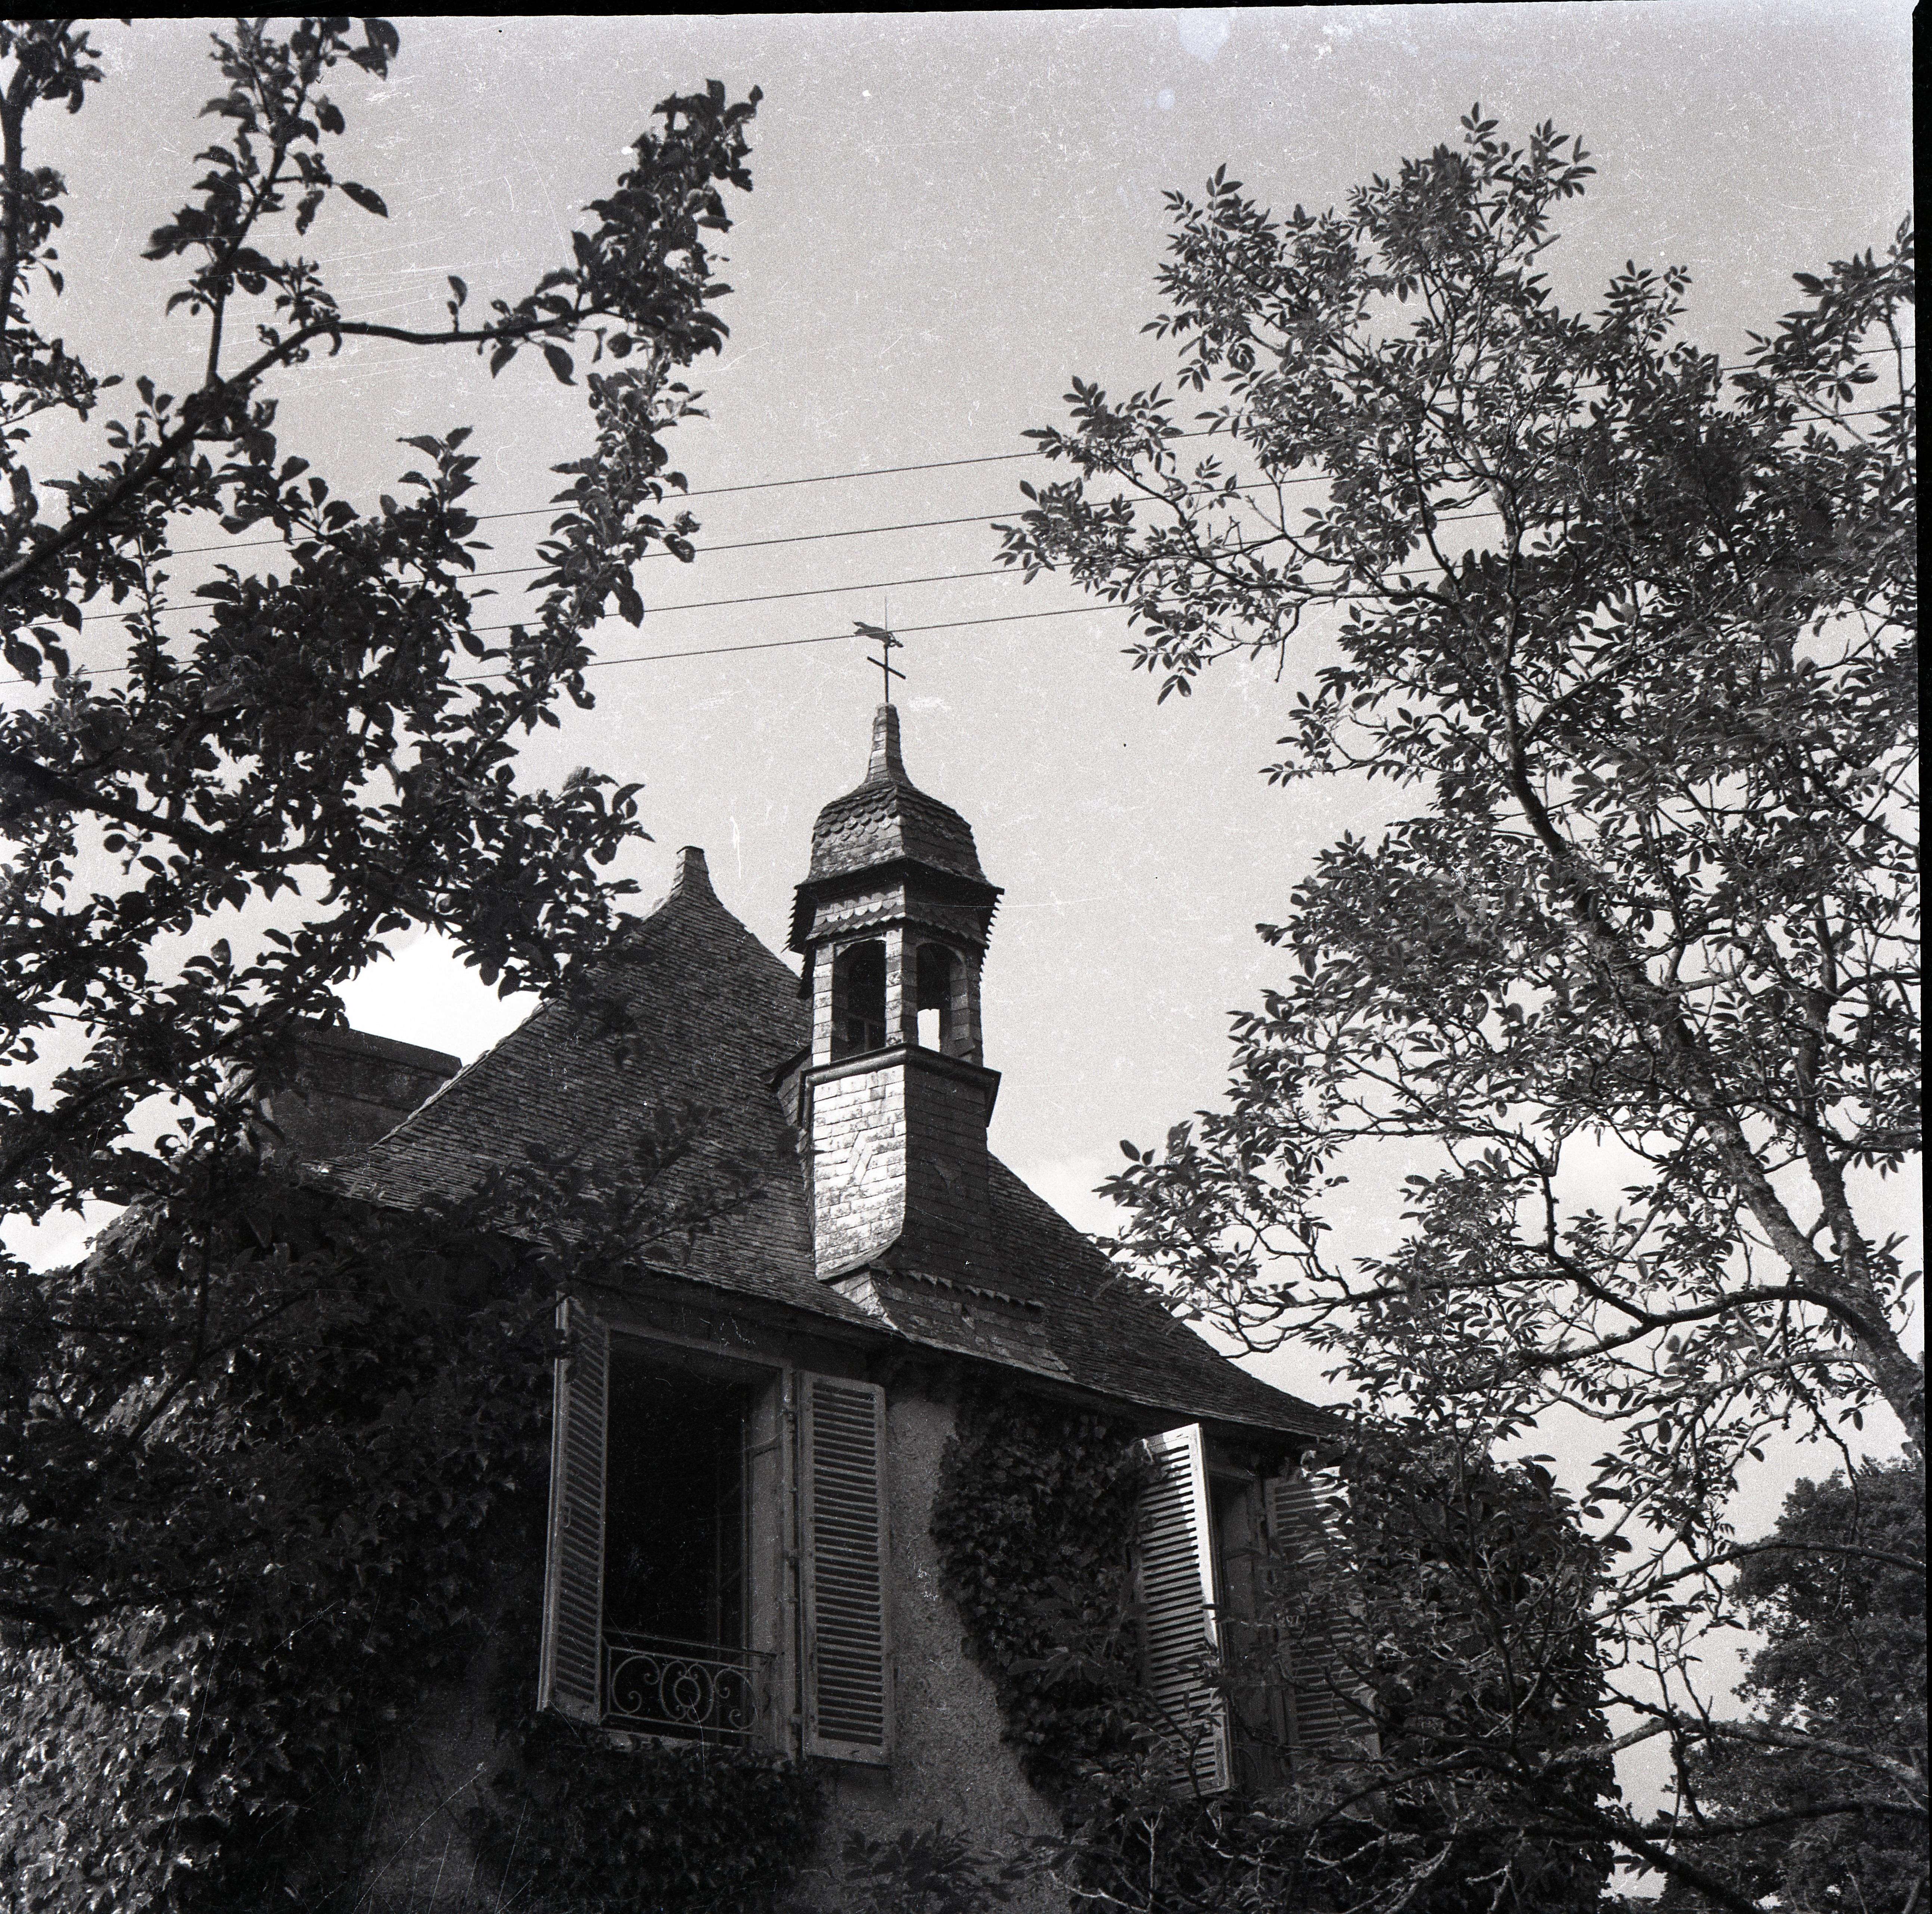 campanille, Gîtes du château des Fontenelles, Rennes